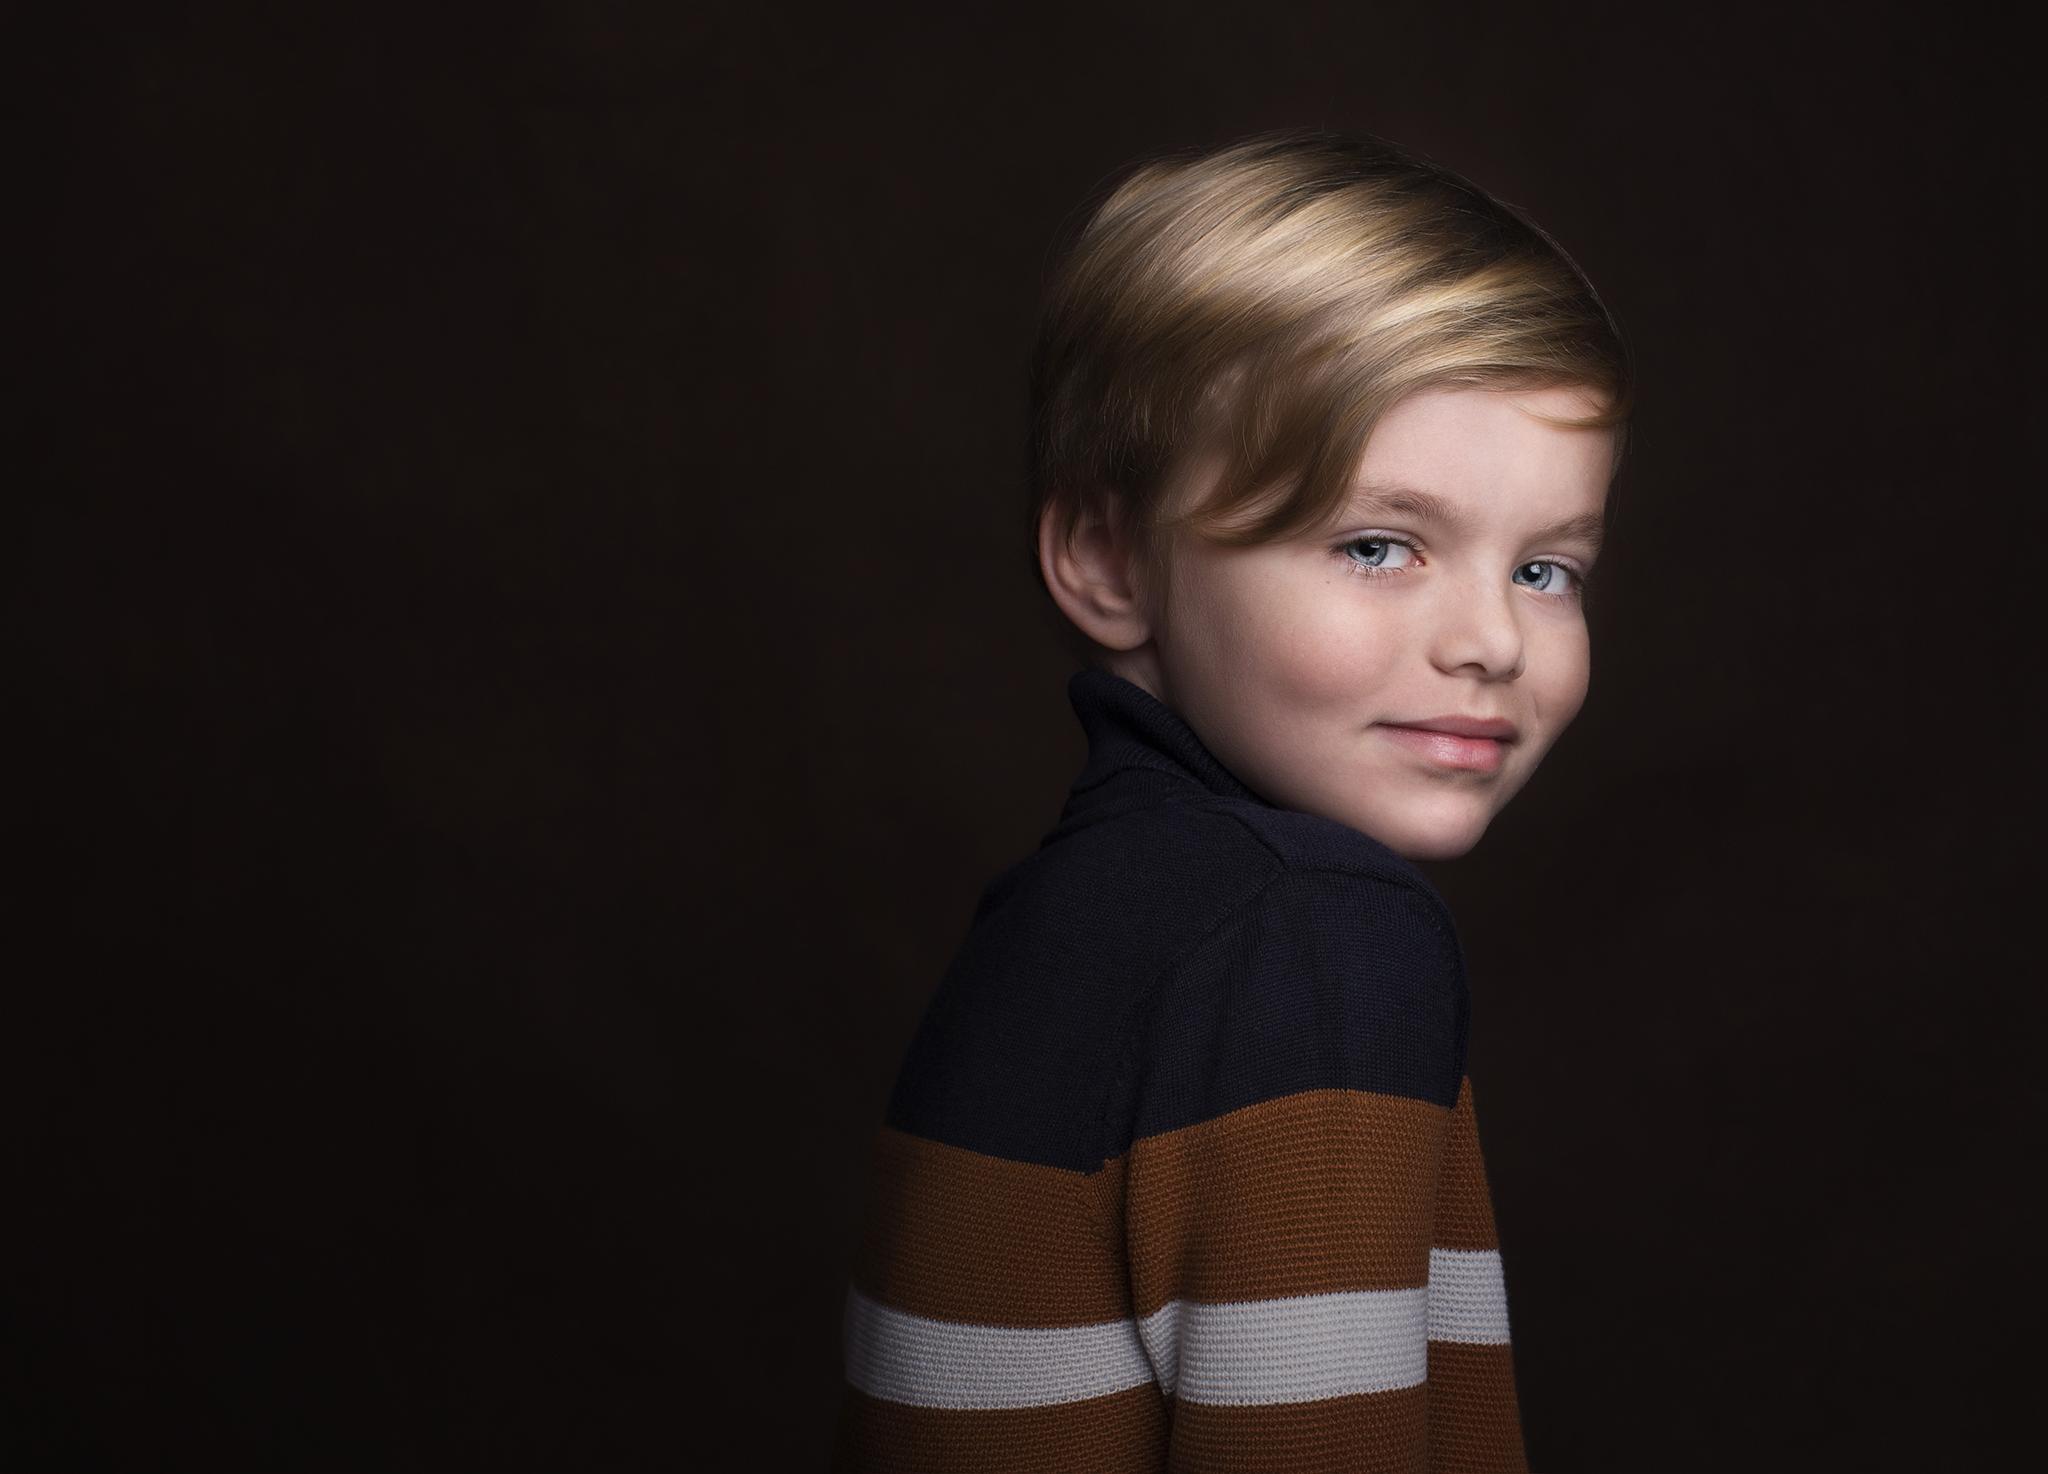 Elizabethg_fineart_portrait_photography_will_kidslondon_003.jpg